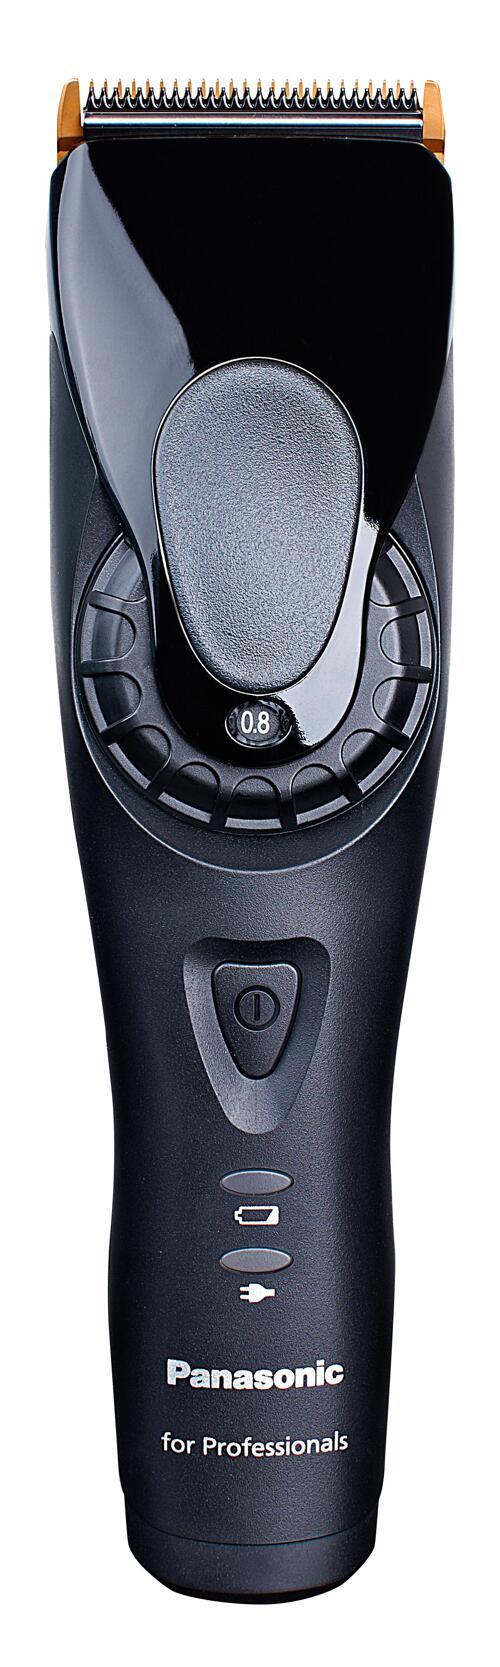 Panasonic Er-dgp82 Hårtrimmer - Svart